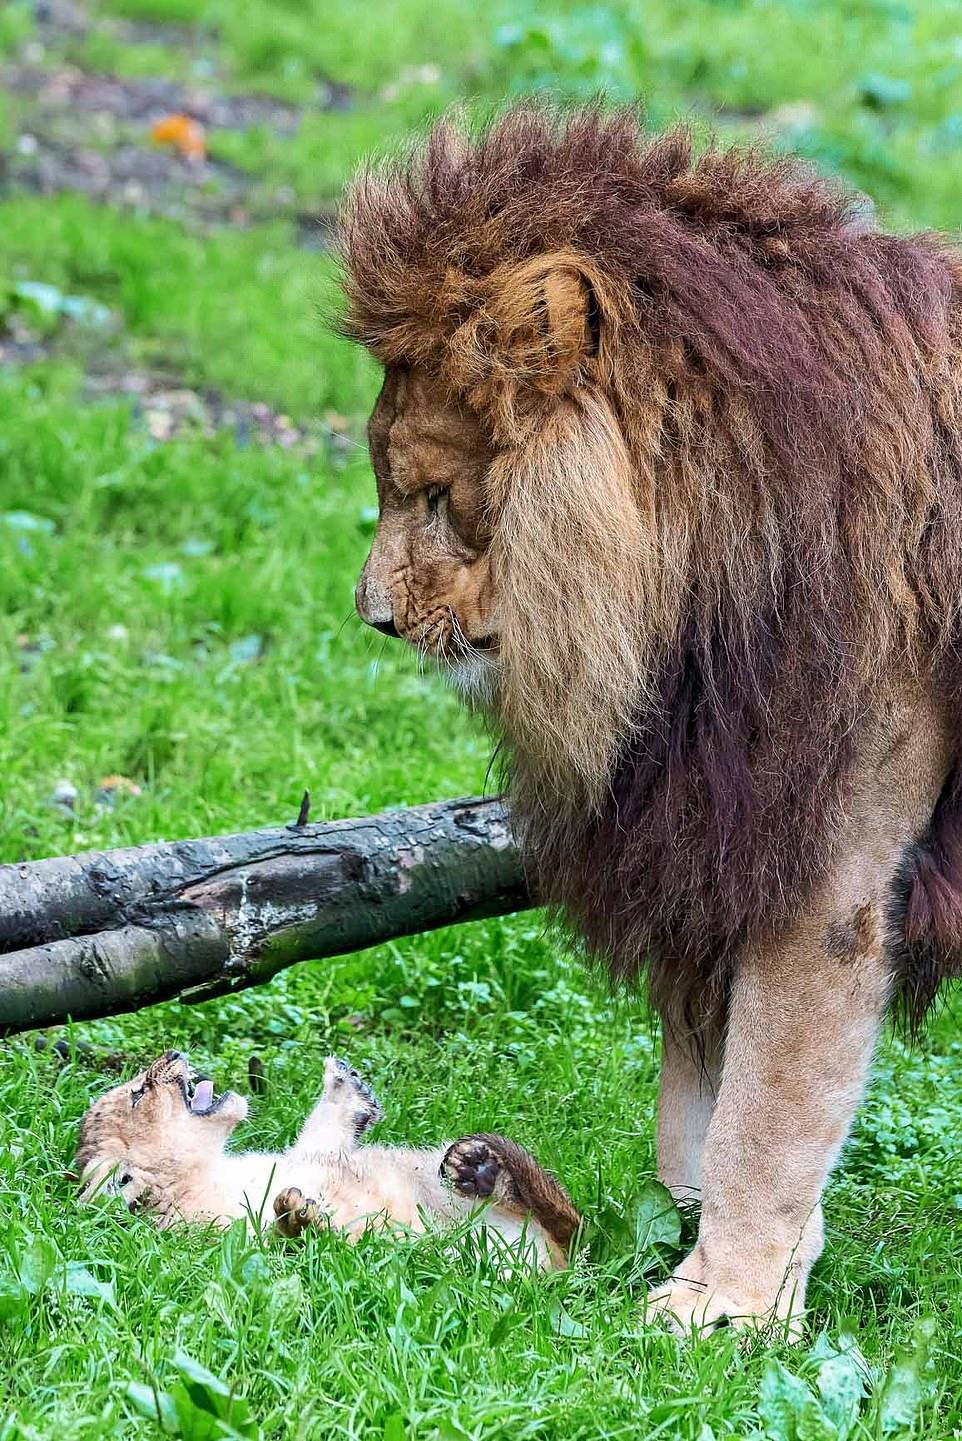 獅子爸「新手育兒」孩子全崩潰 媽媽回家「眼神死」網笑瘋!